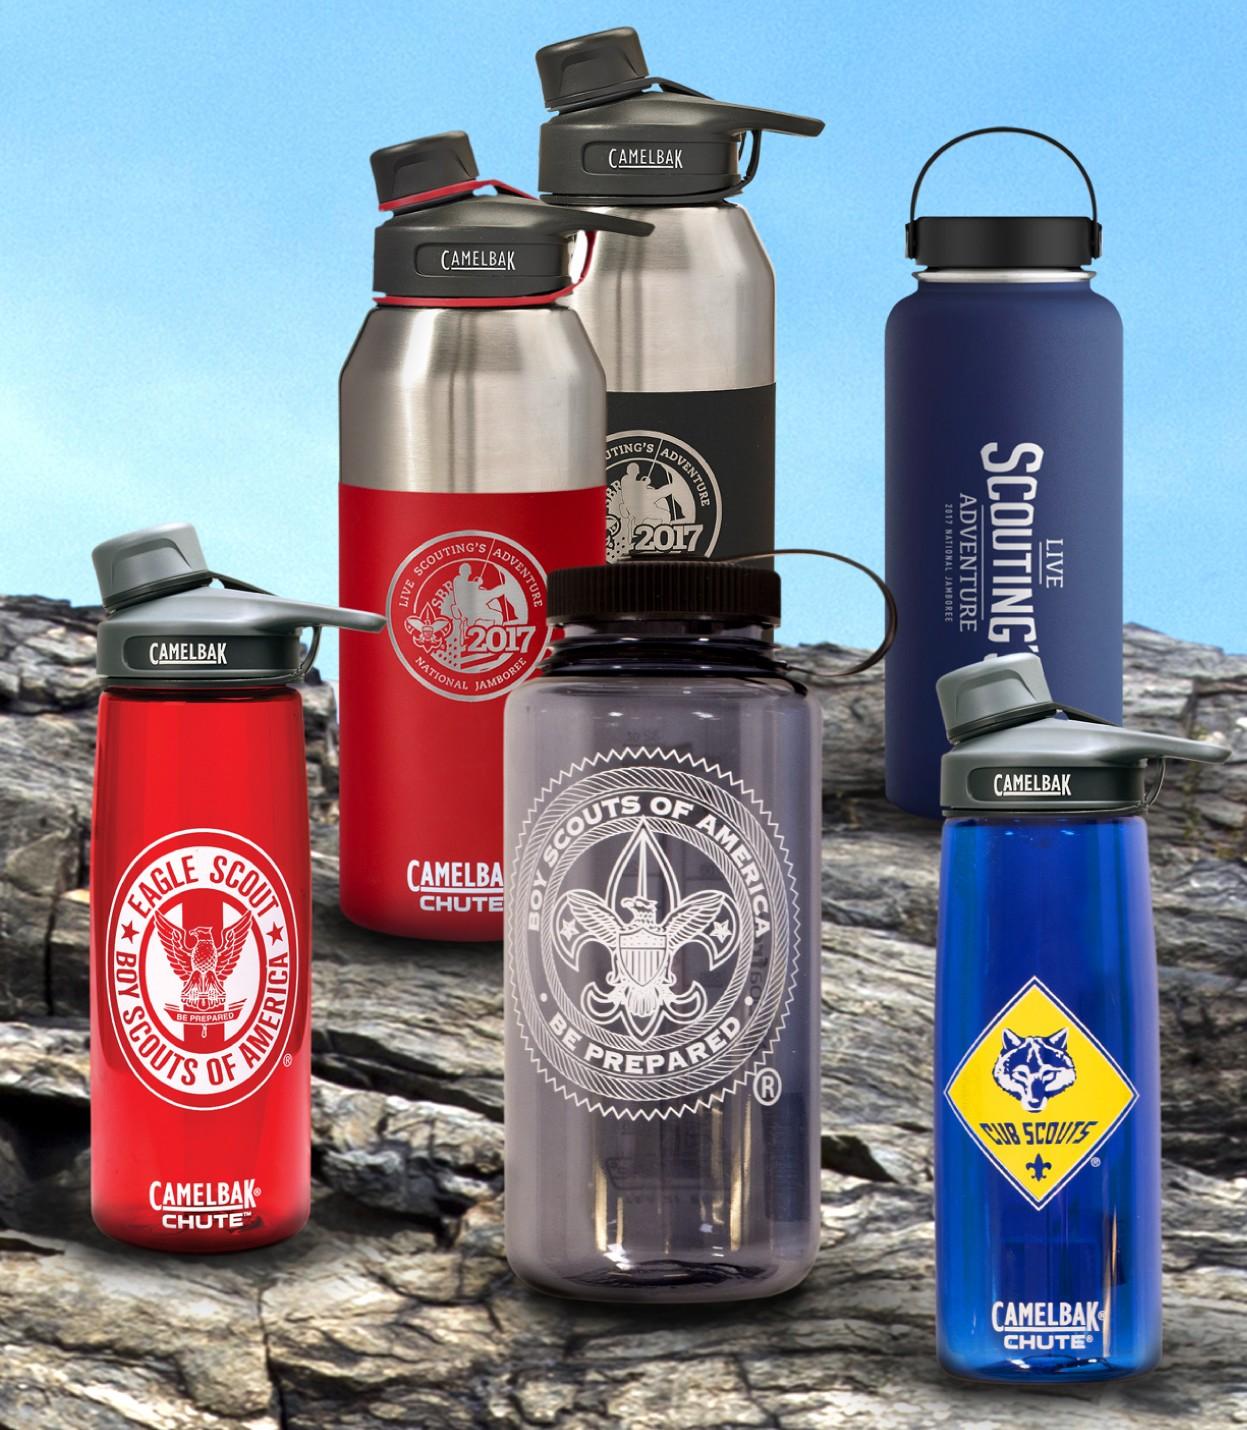 BSA Scout Branded Camelbak Water bottles